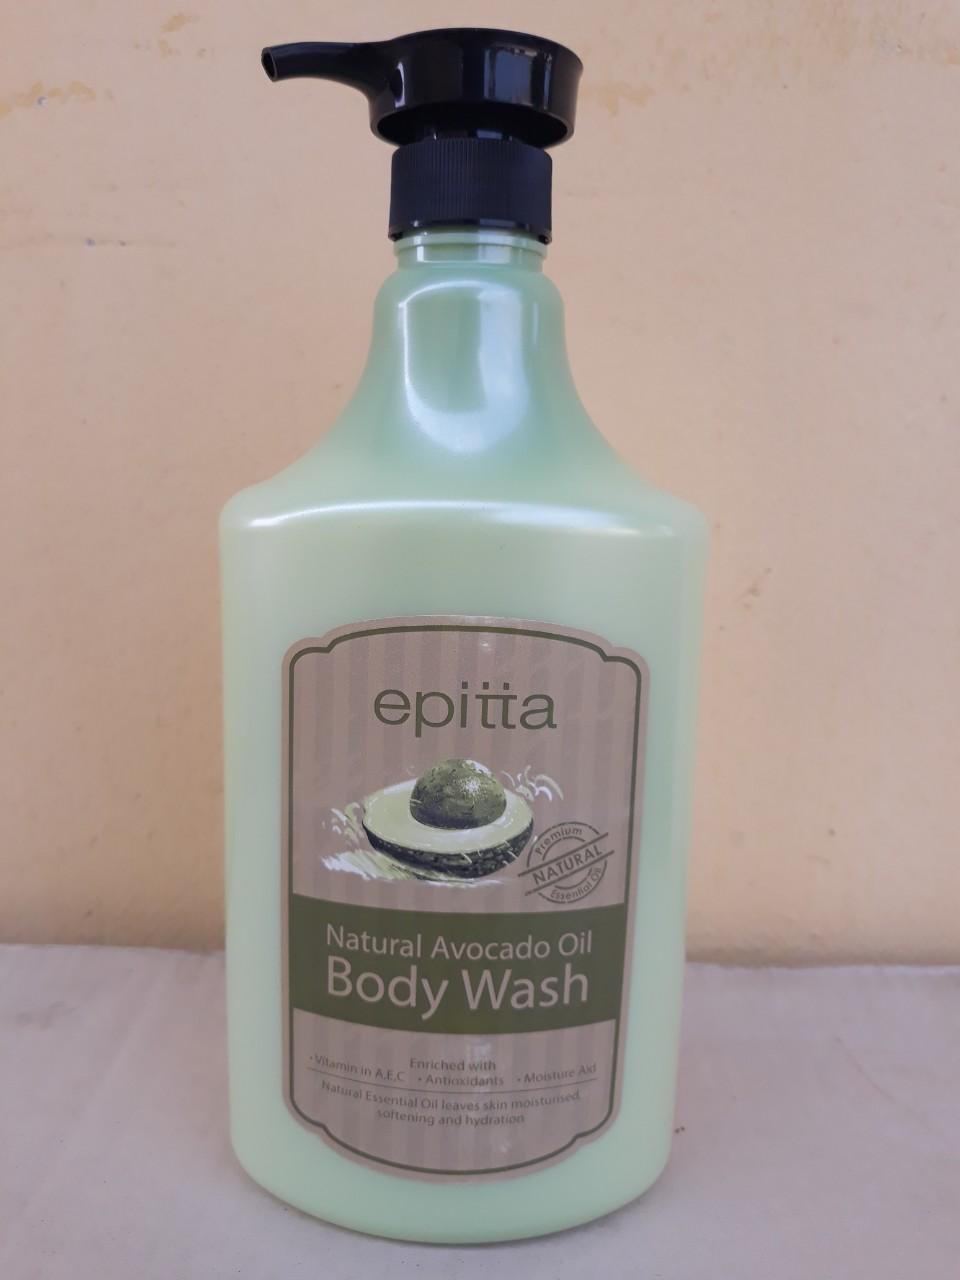 Sữa tắm dưỡng trắng da cao cấp Epitta (hương bơ)